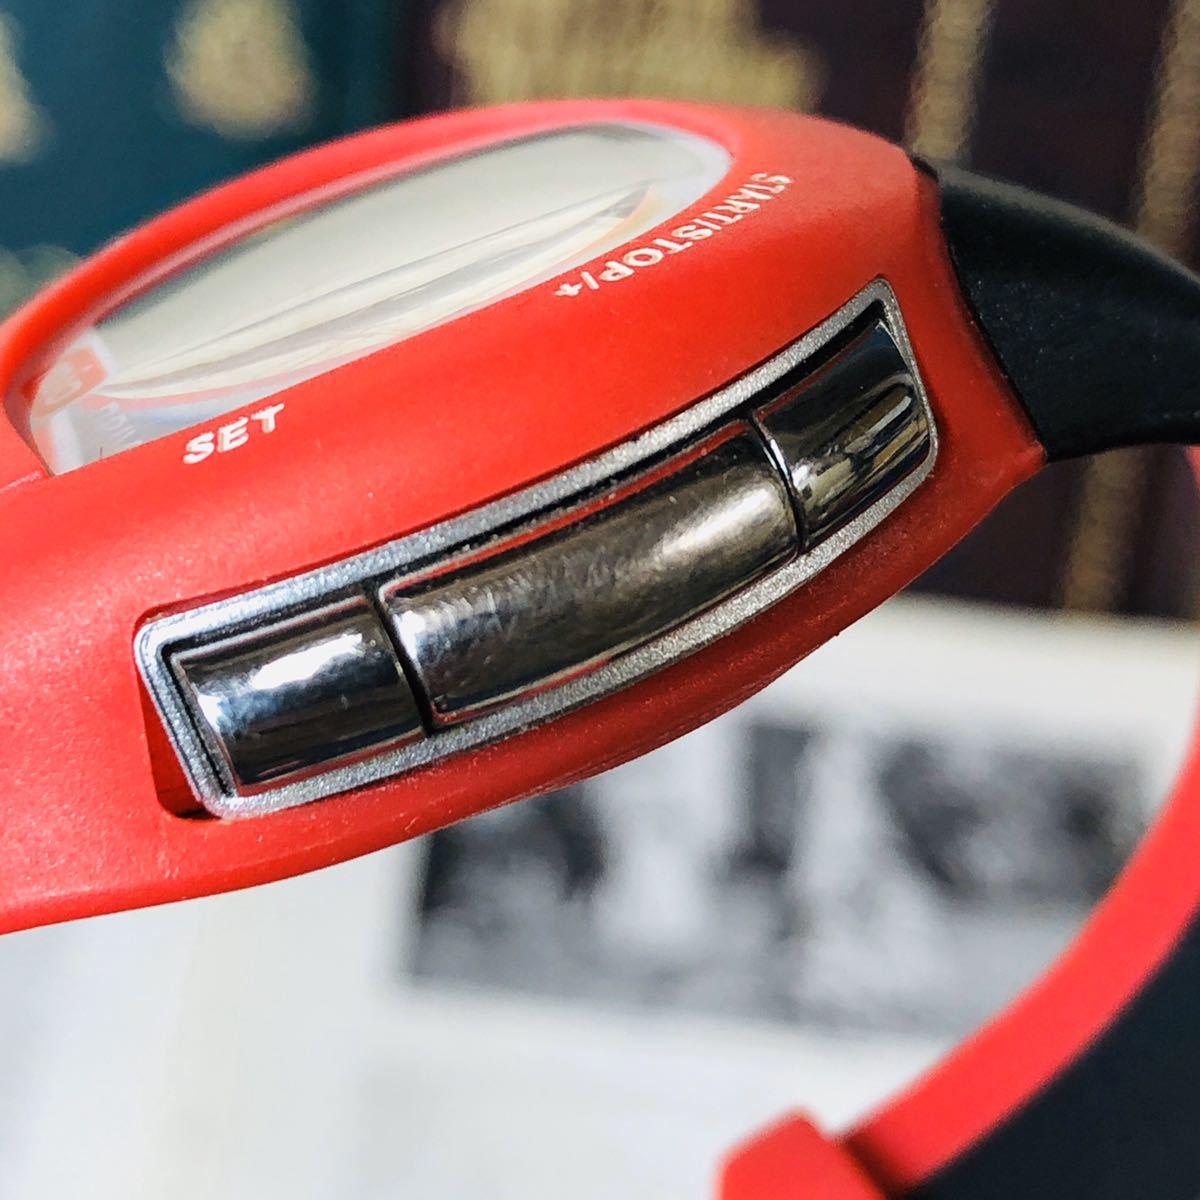 mio ミオ 腕時計 ブラック レッド DRIVE 心拍計 デジタル 稼動品 W1028_画像10